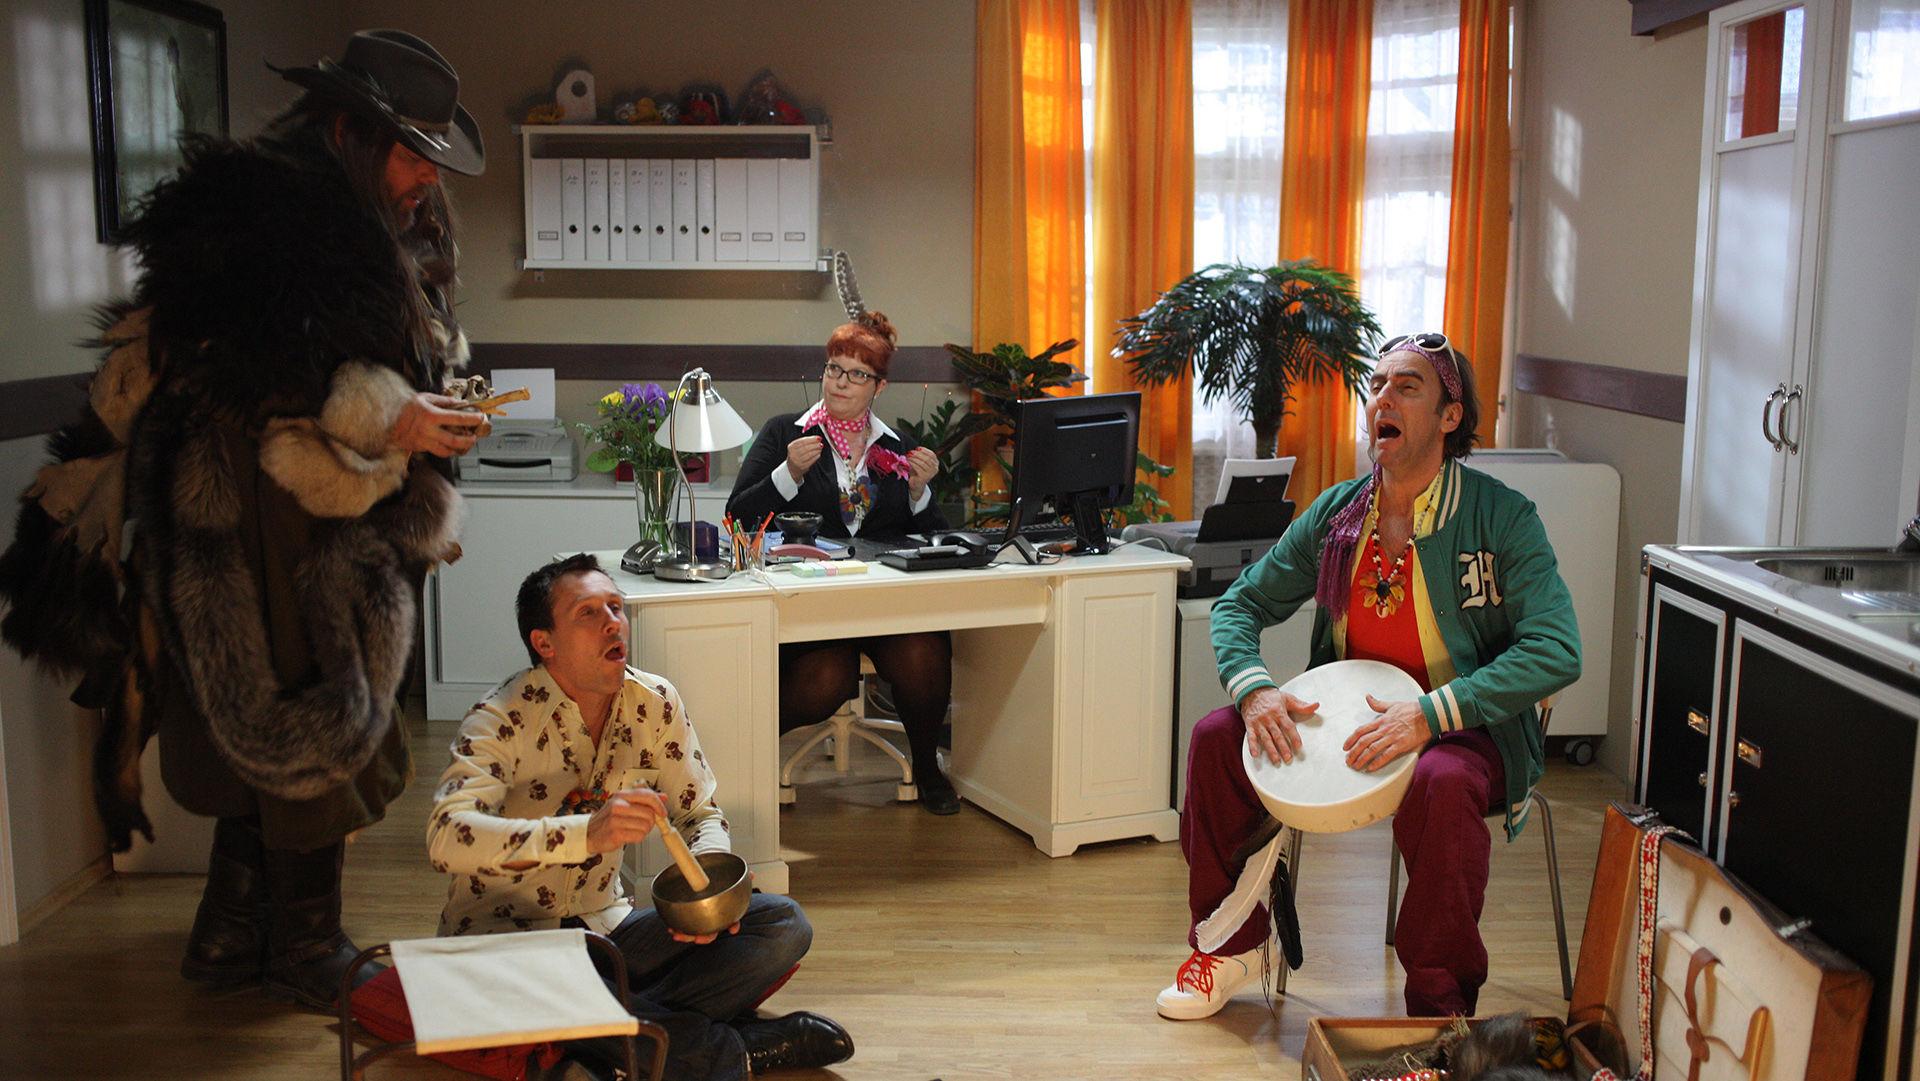 Torsten Münchow (Vitali), Martin Oberhauser (Jussuf Kerschbaumer), Elfi Eschke (Lilli Buxenschutz), Dieter Landuris (Herr Müller)